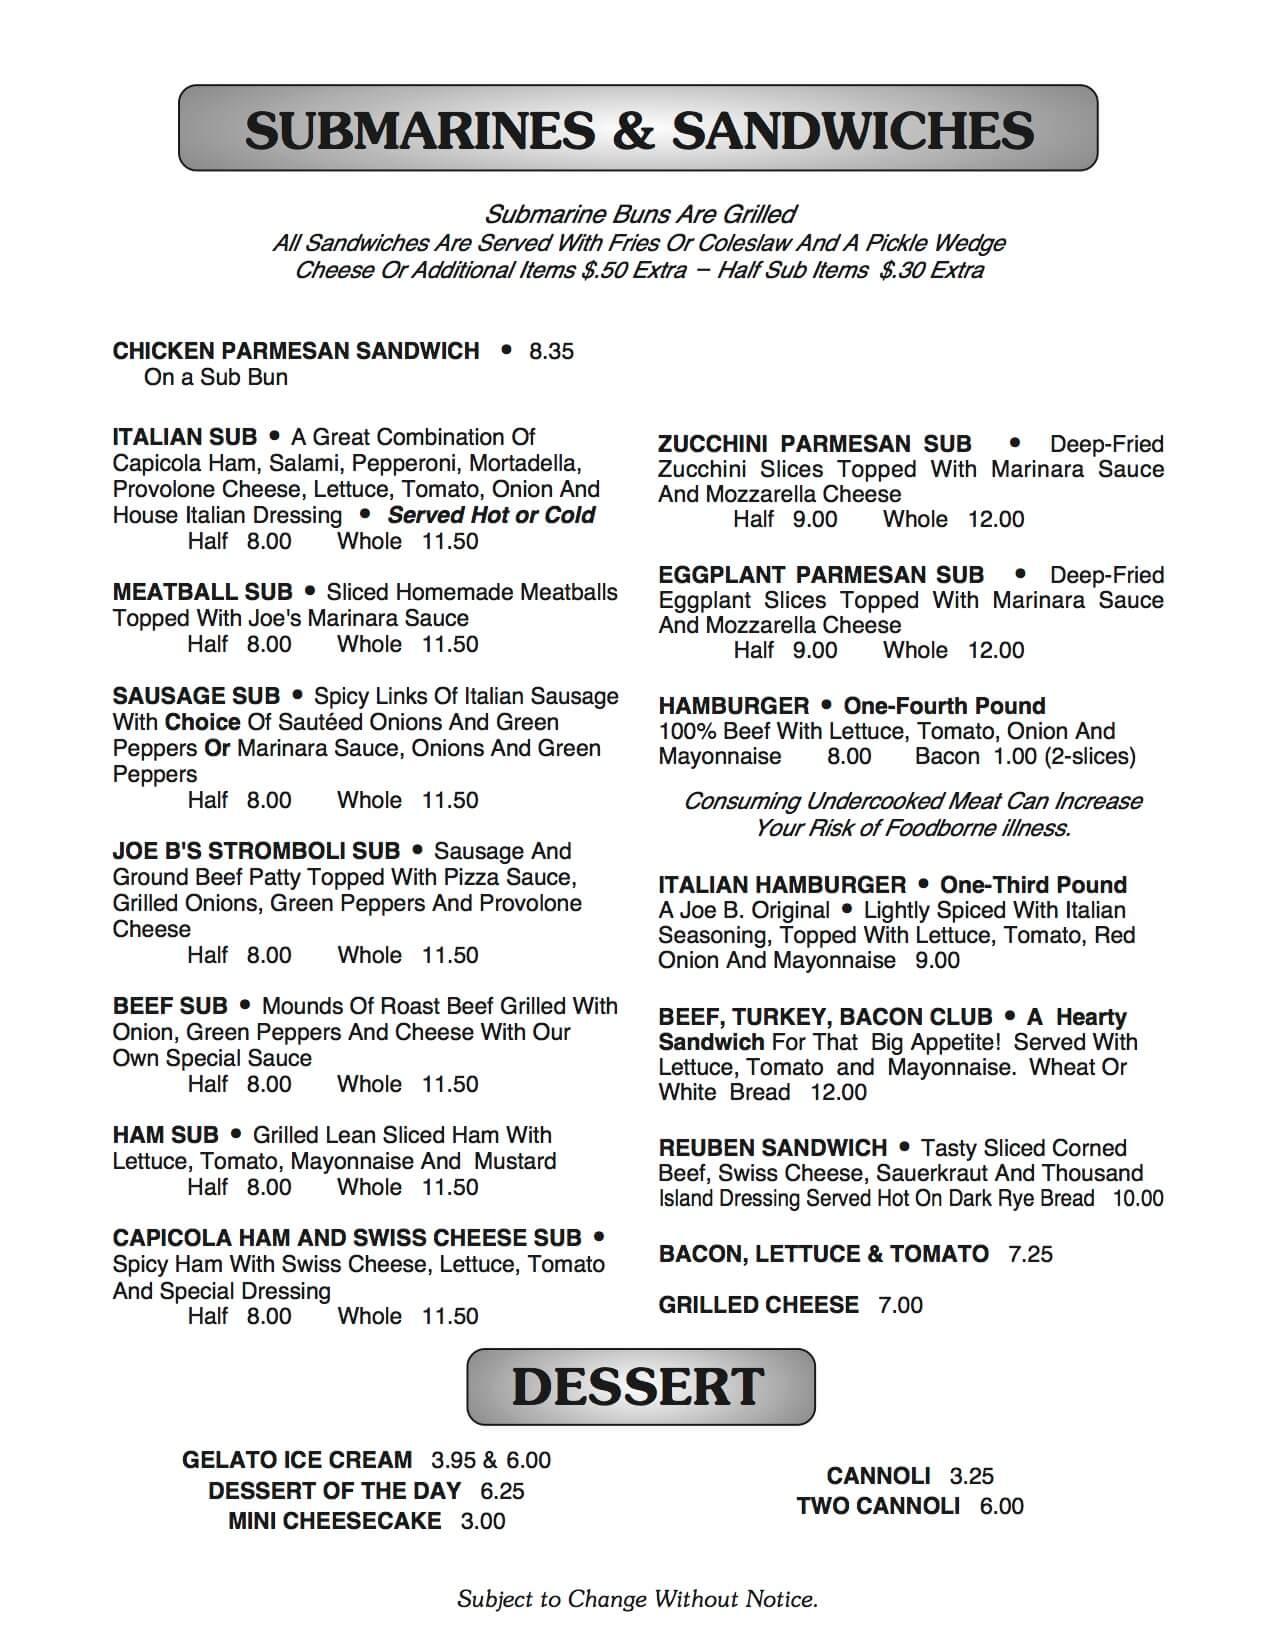 Joe B's menu page 6